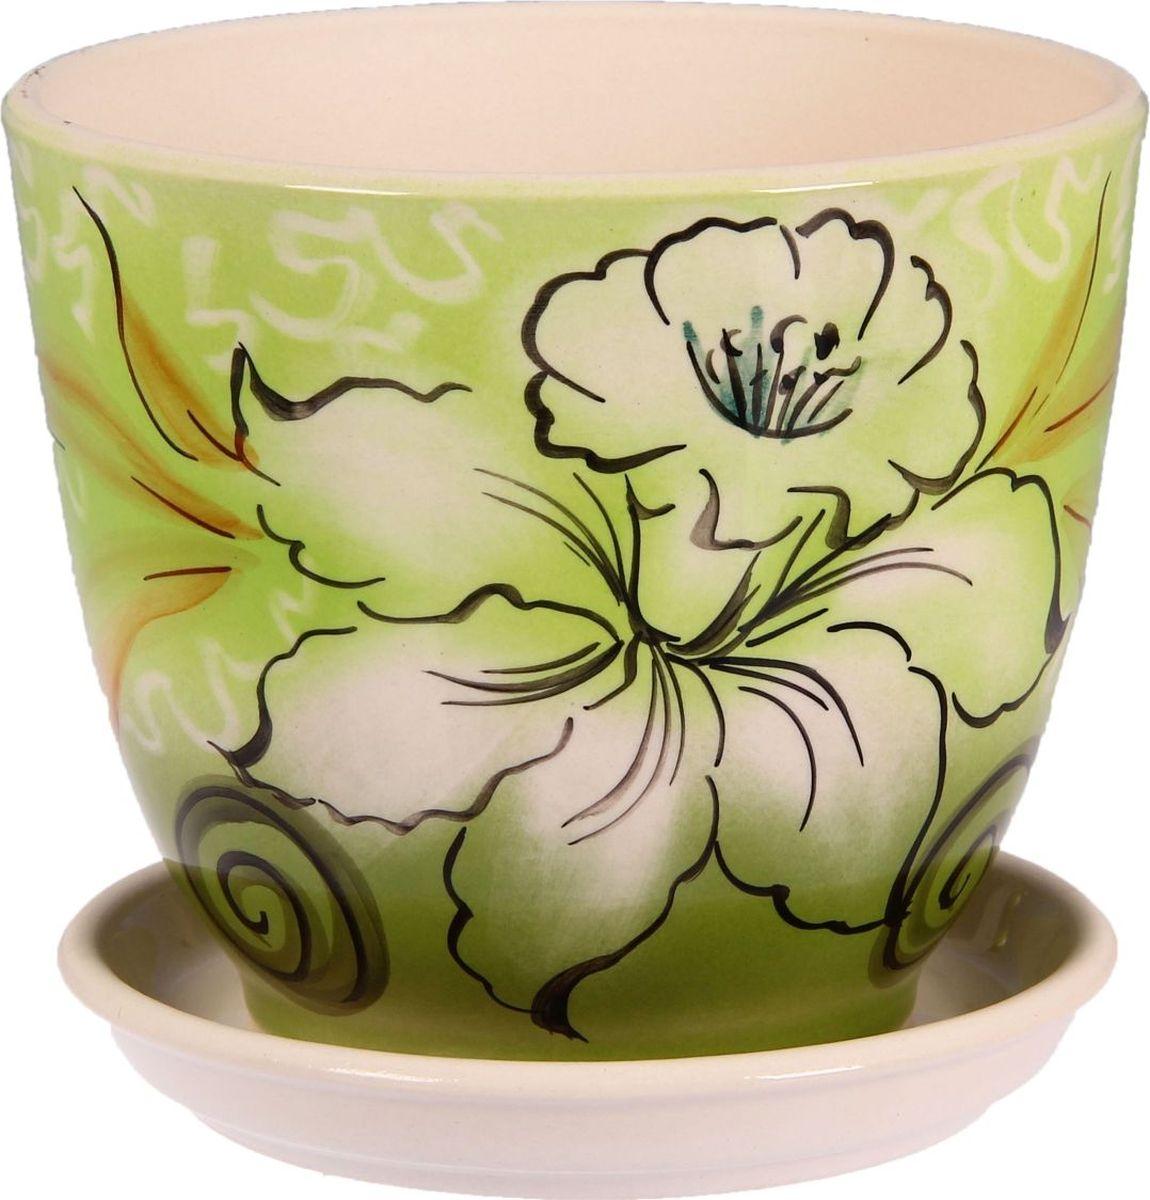 Кашпо Керамика ручной работы Кедр. Нарцисс, 2,2 л1099340Комнатные растения — всеобщие любимцы. Они радуют глаз, насыщают помещение кислородом и украшают пространство. Каждому из них необходим свой удобный и красивый дом. Кашпо из керамики прекрасно подходят для высадки растений: за счёт пластичности глины и разных способов обработки существует великое множество форм и дизайновпористый материал позволяет испаряться лишней влагевоздух, необходимый для дыхания корней, проникает сквозь керамические стенки! #name# позаботится о зелёном питомце, освежит интерьер и подчеркнёт его стиль.